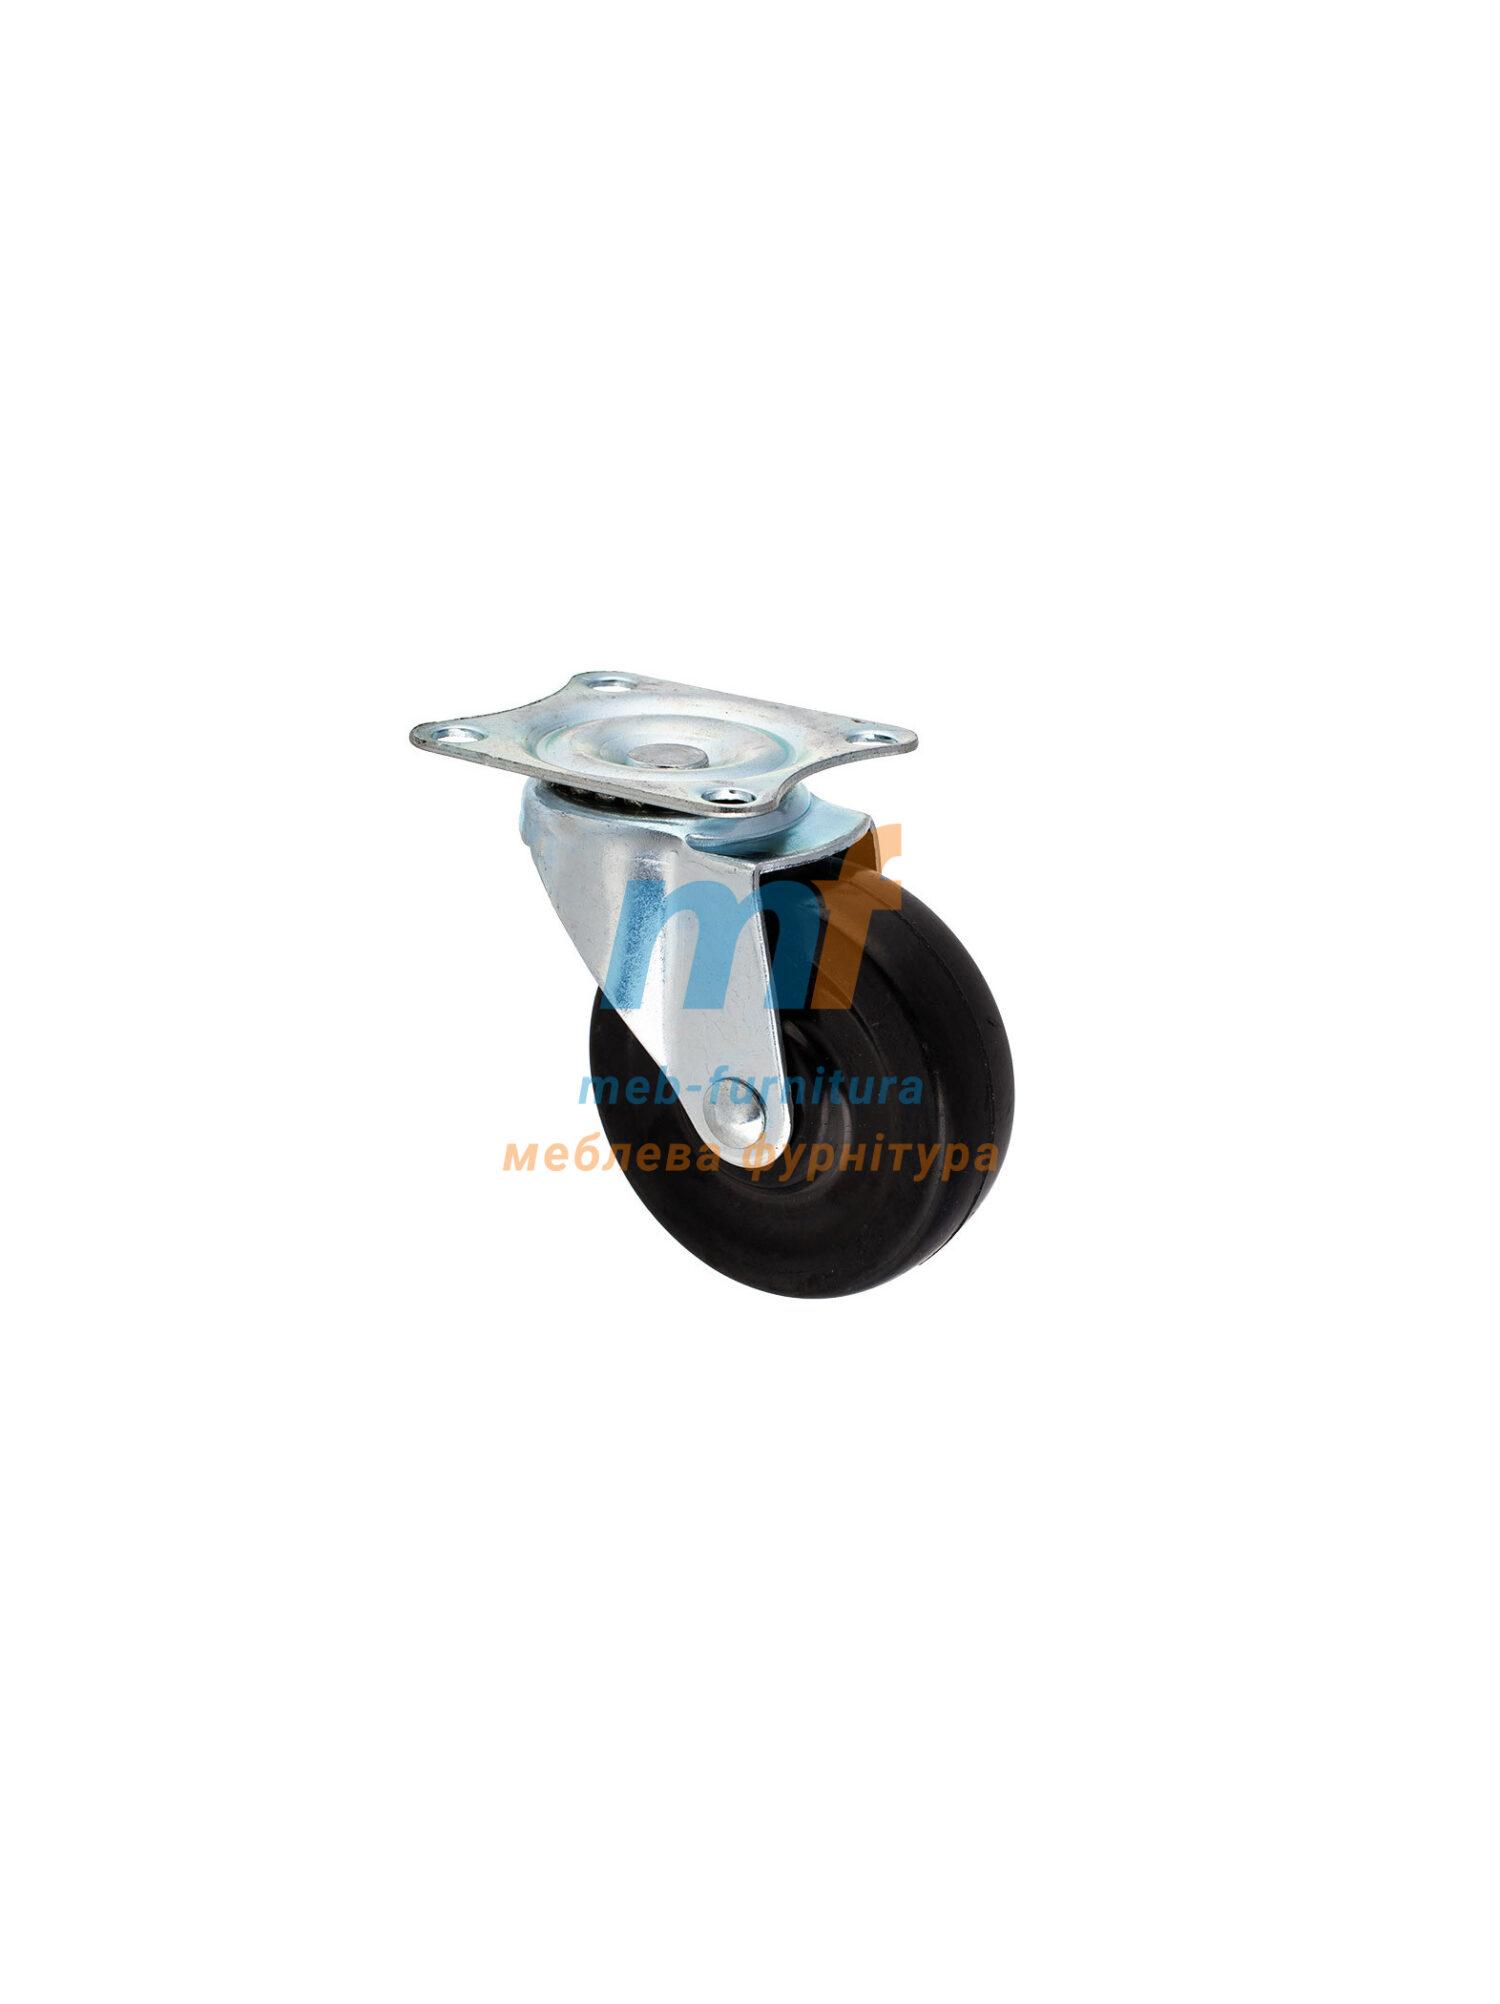 Колесо резина на платформе 75мм (3-004)